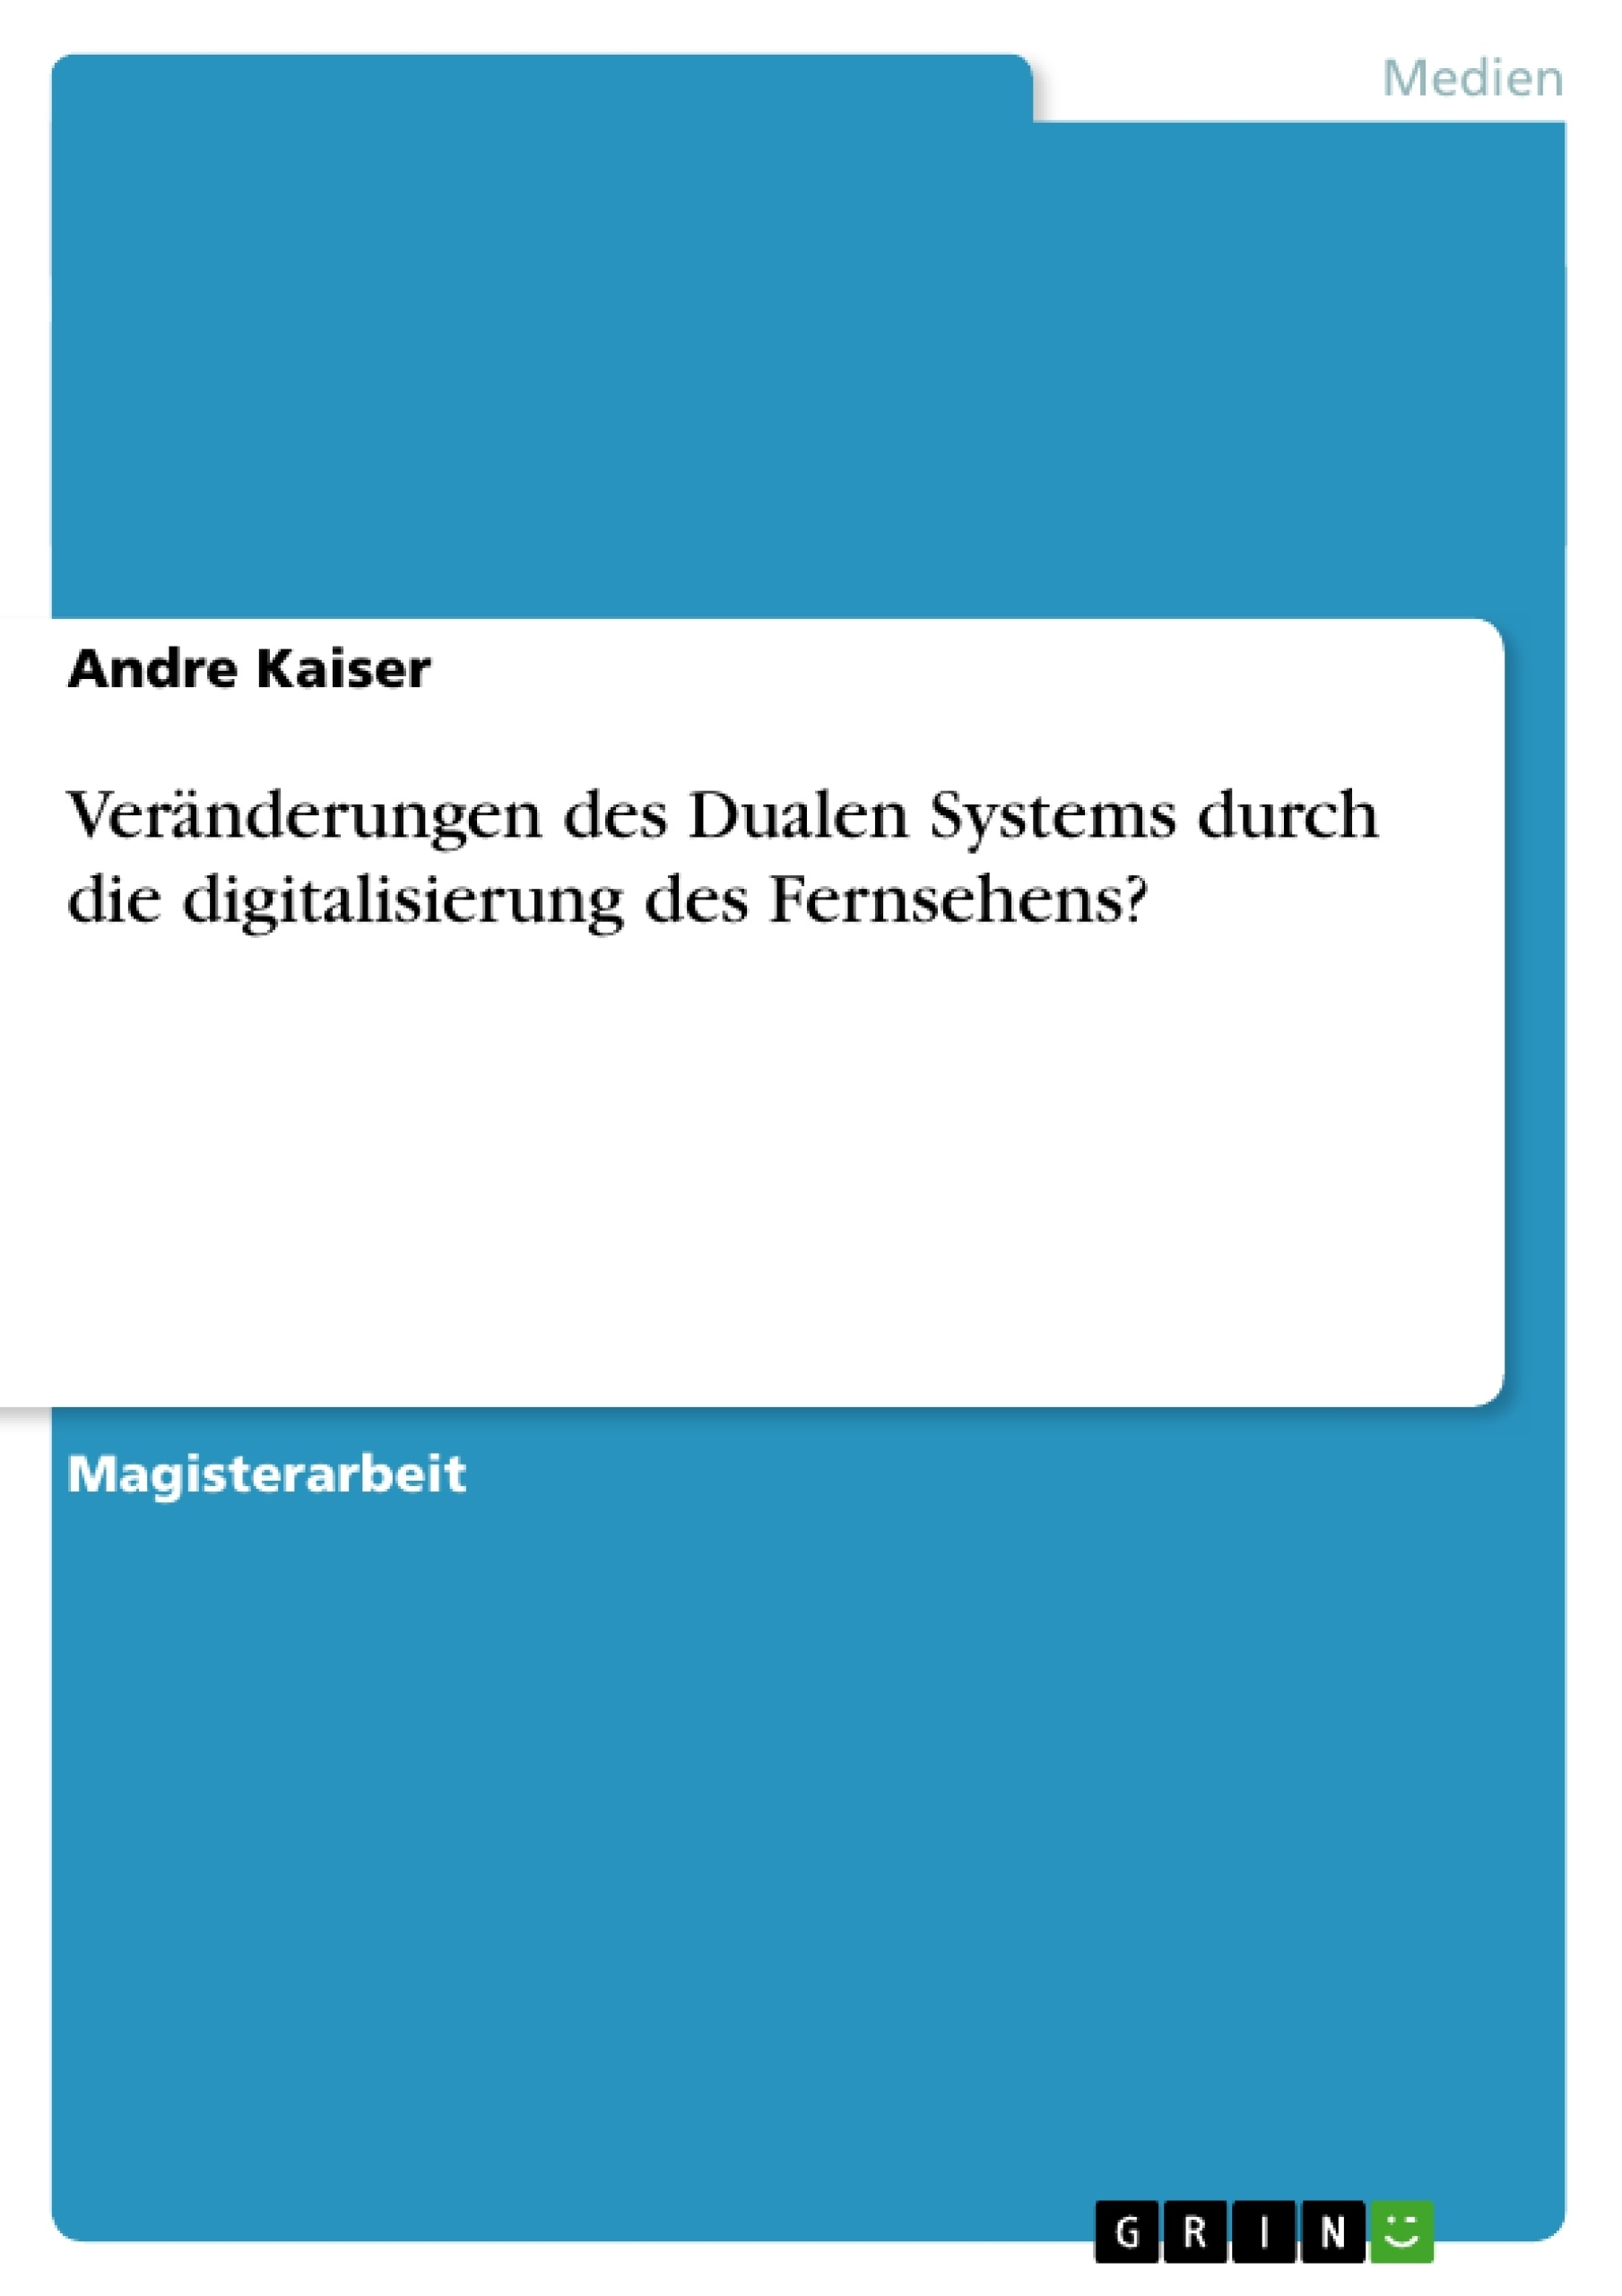 Titel: Veränderungen des Dualen Systems durch die digitalisierung des Fernsehens?